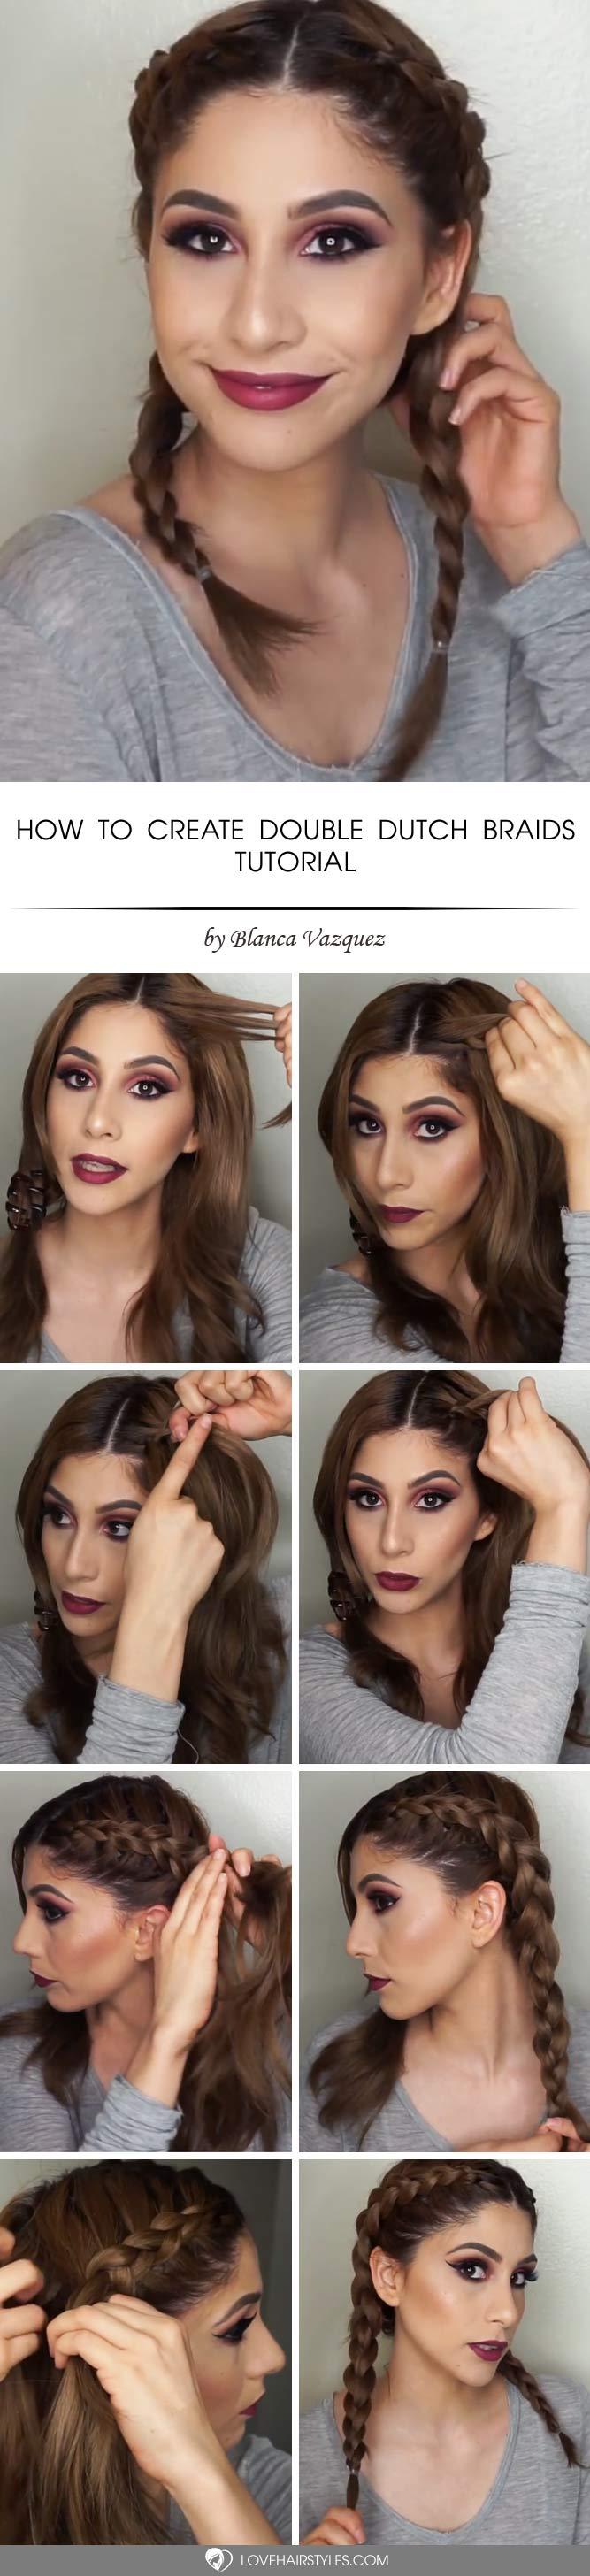 How to Create Double Dutch Braids #howtodutchbraid #dutchbraid #tutorials #braids #hairstyles